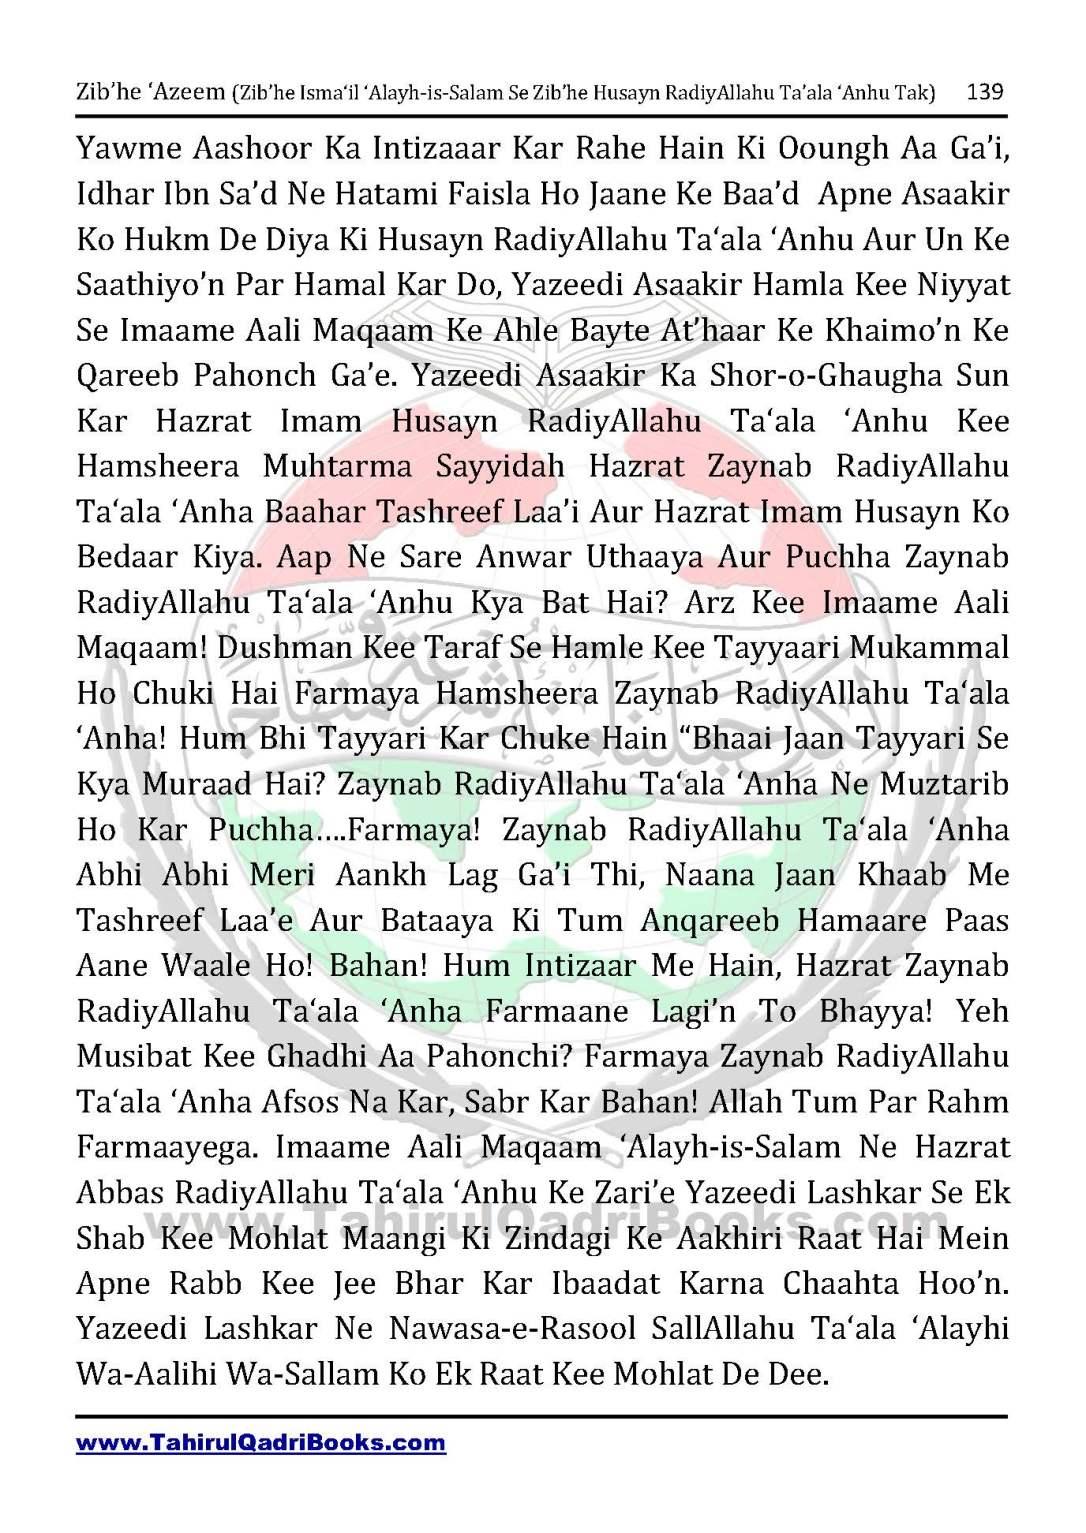 zib_he-e28098azeem-zib_he-ismacabbil-se-zib_he-husayn-tak-in-roman-urdu-unlocked_Page_139